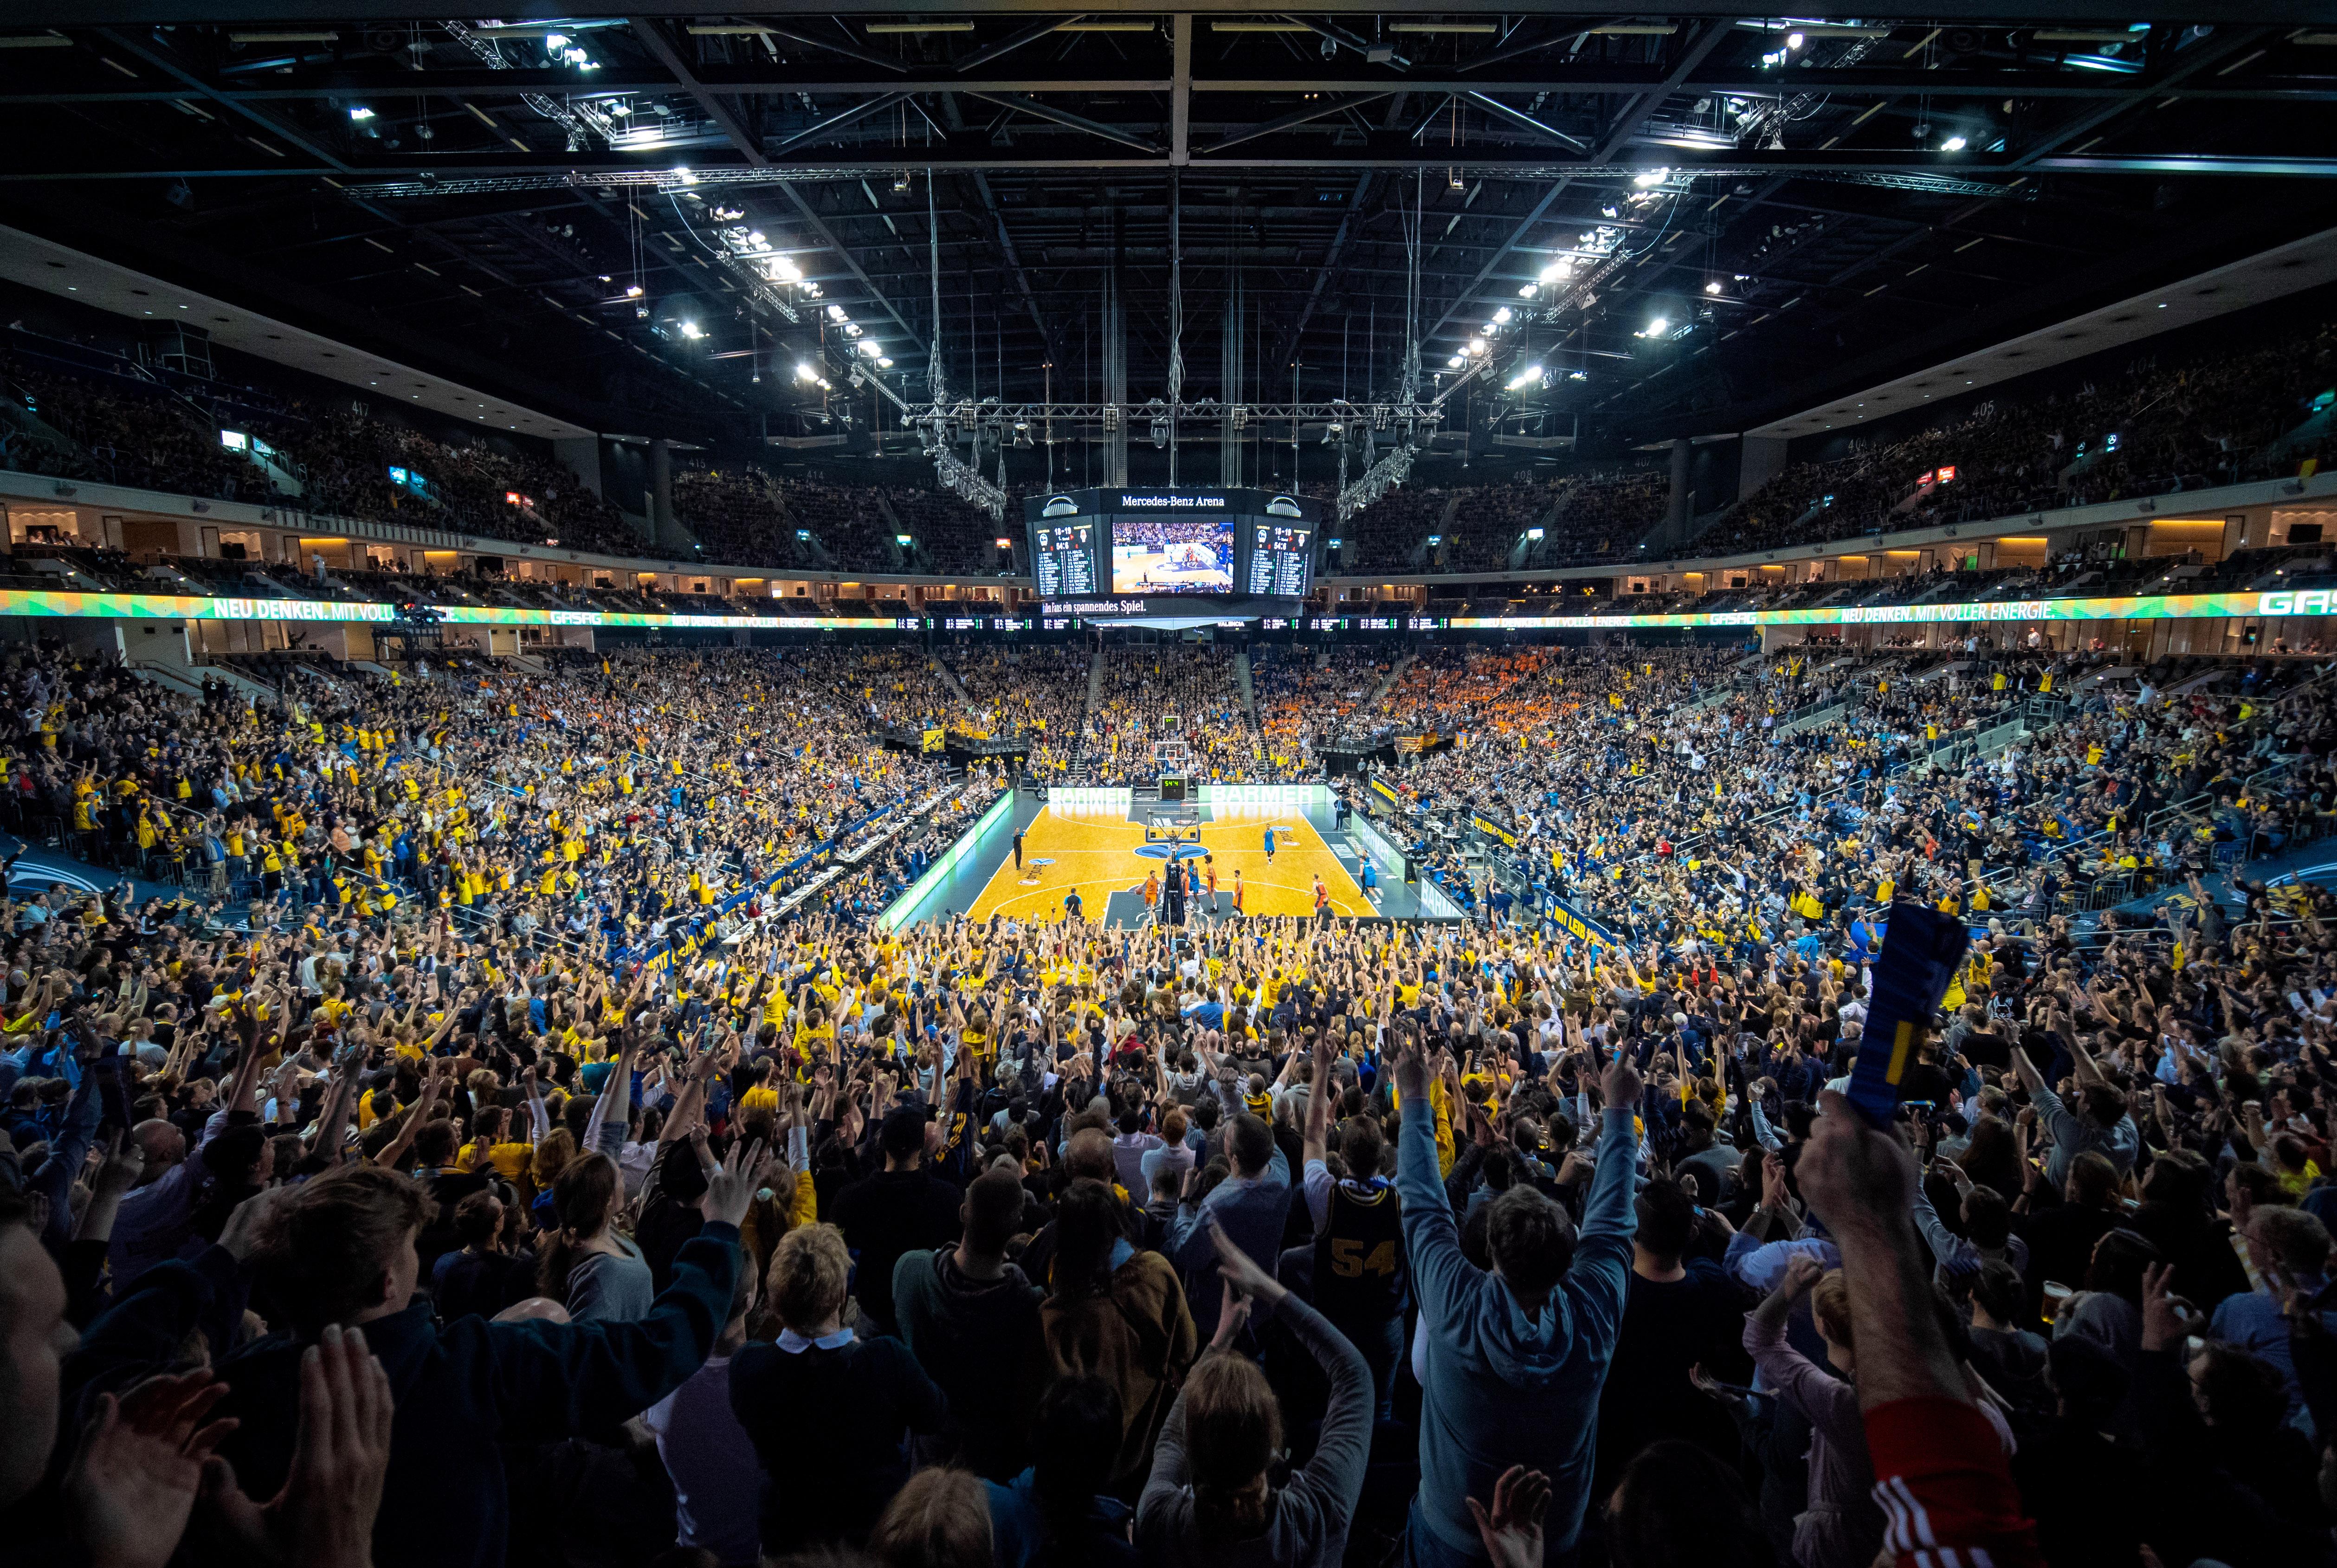 Alba Berlin's arena